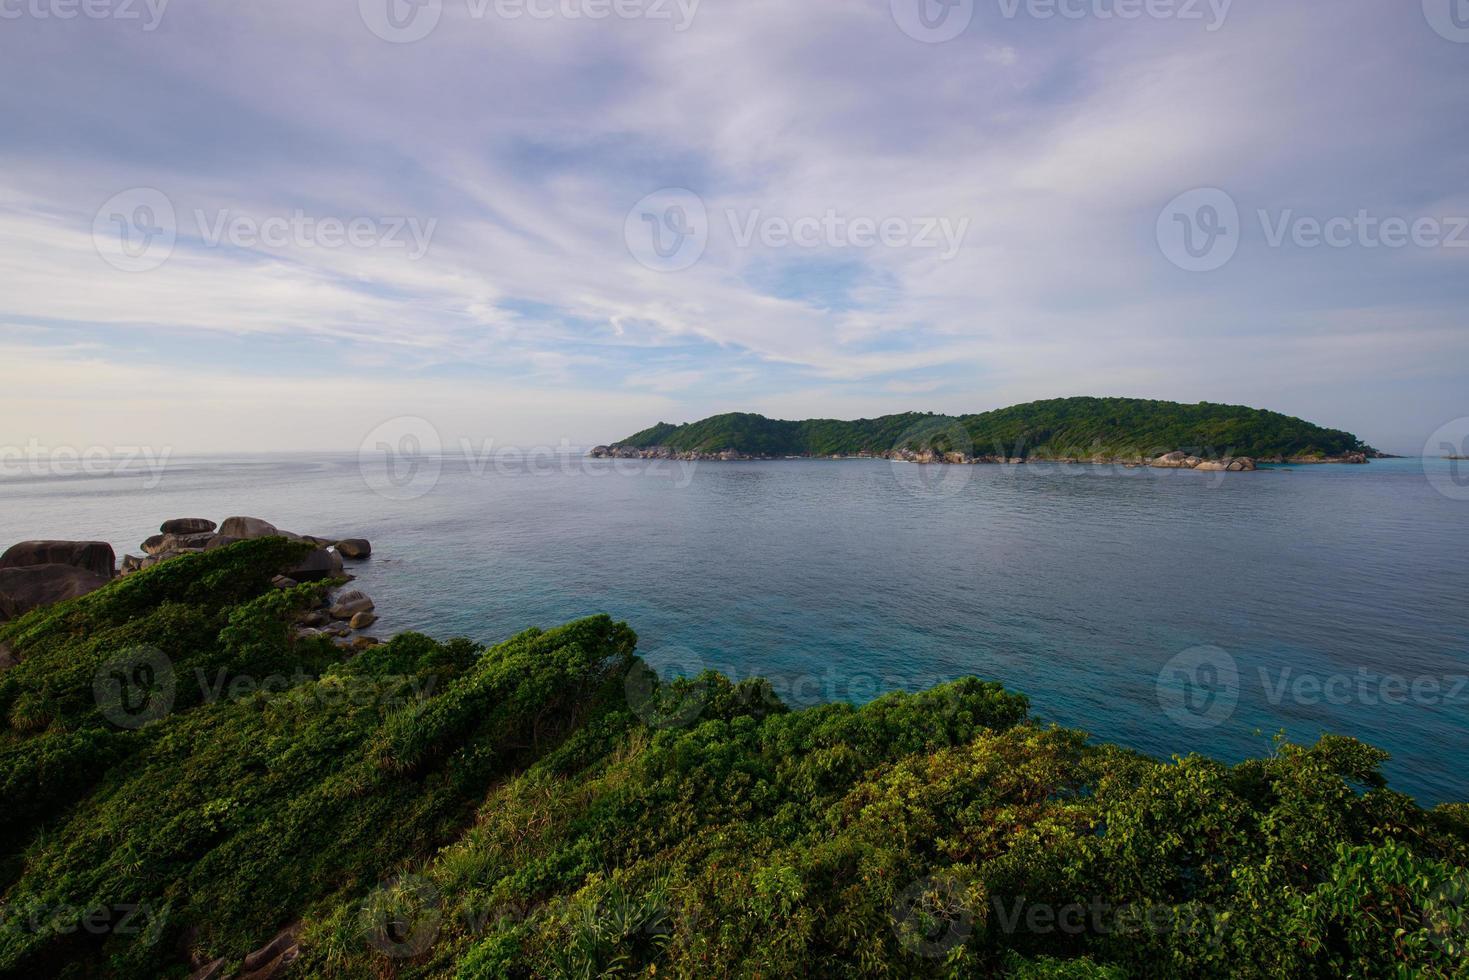 schönes Meer und tropische Insel mit kristallklarem Wasser, Simi foto